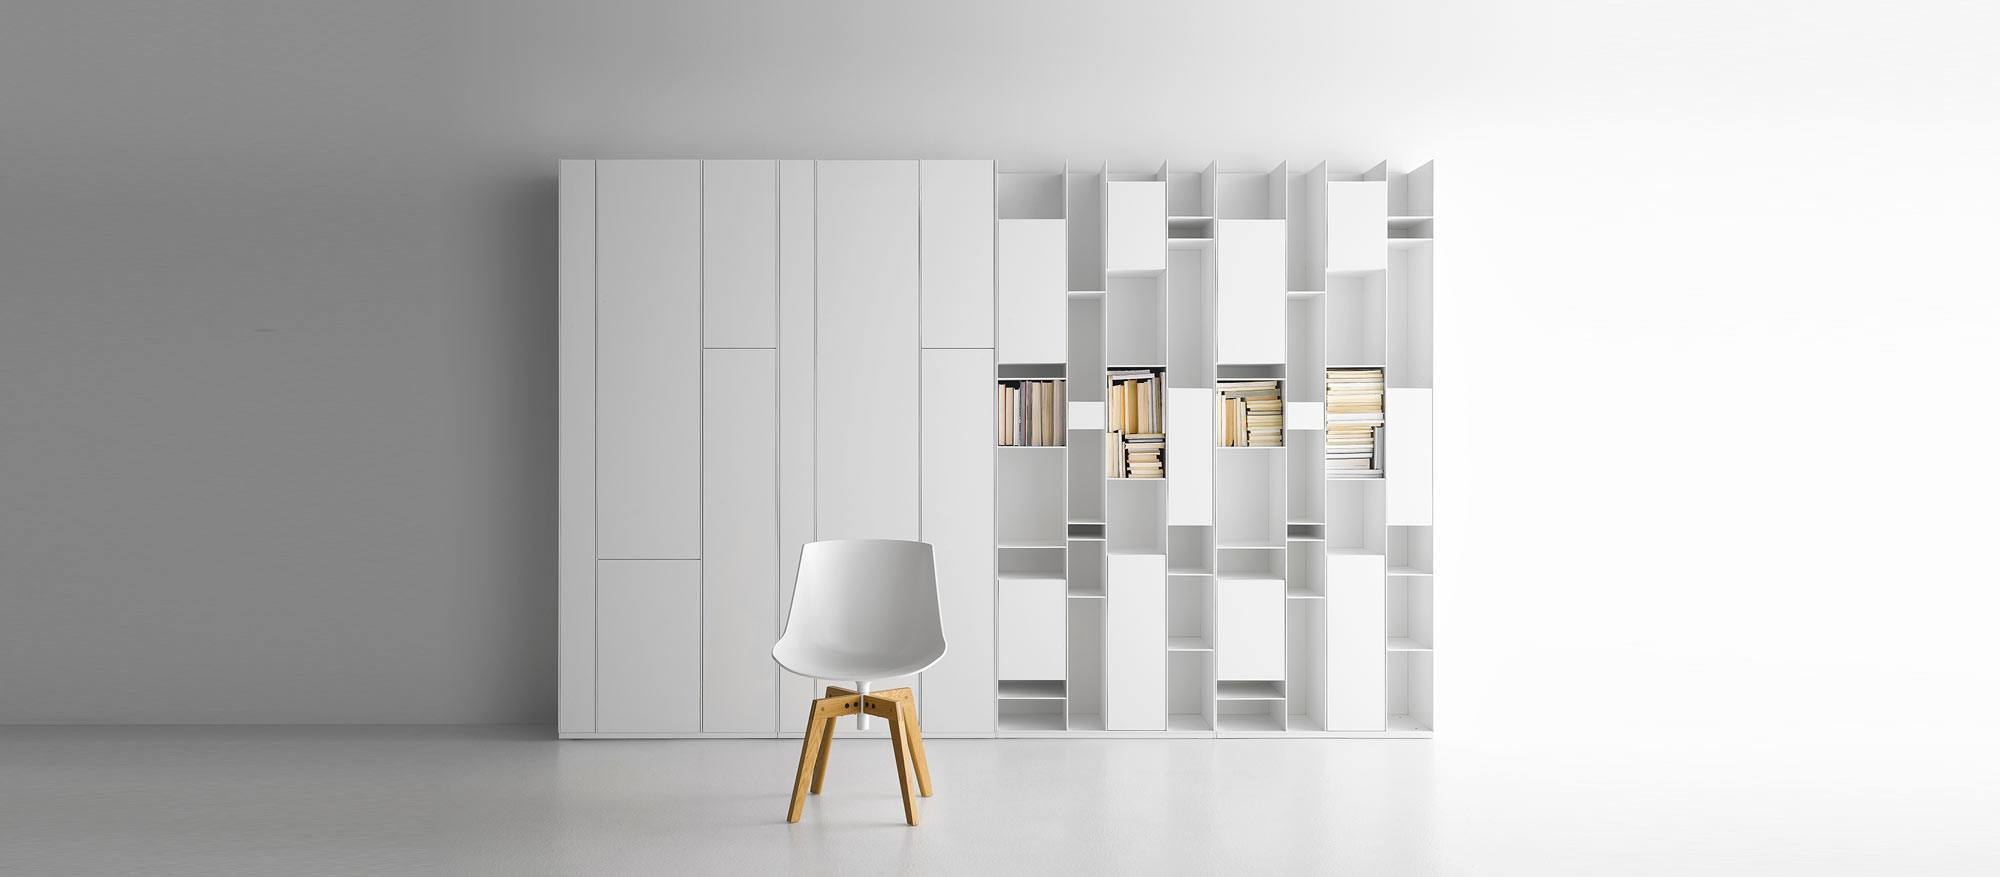 #68481F22354940 Design Meubelen Interieur Plus Van de bovenste plank Design Meubelen Winkels 1963 beeld 20008771963 Inspiratie